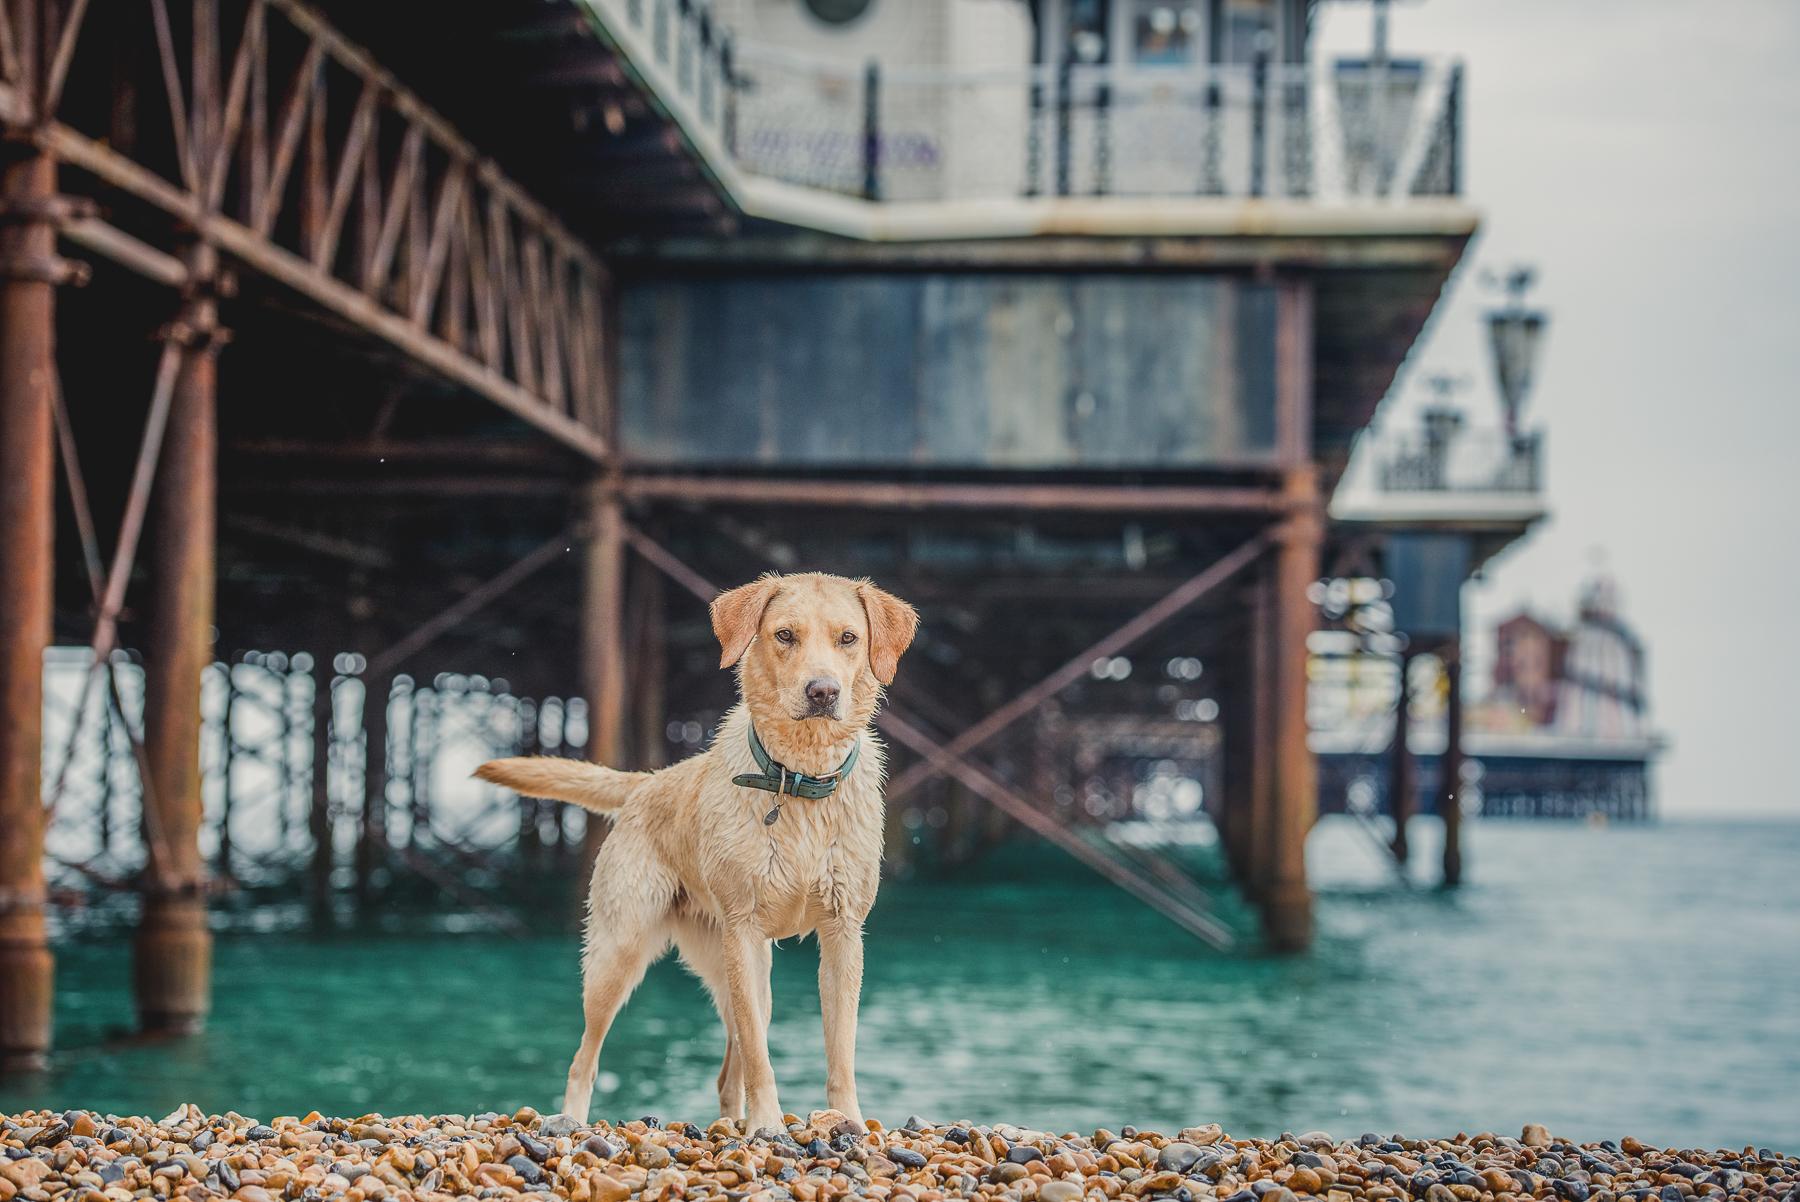 Gold labrador next to Brighton Pier